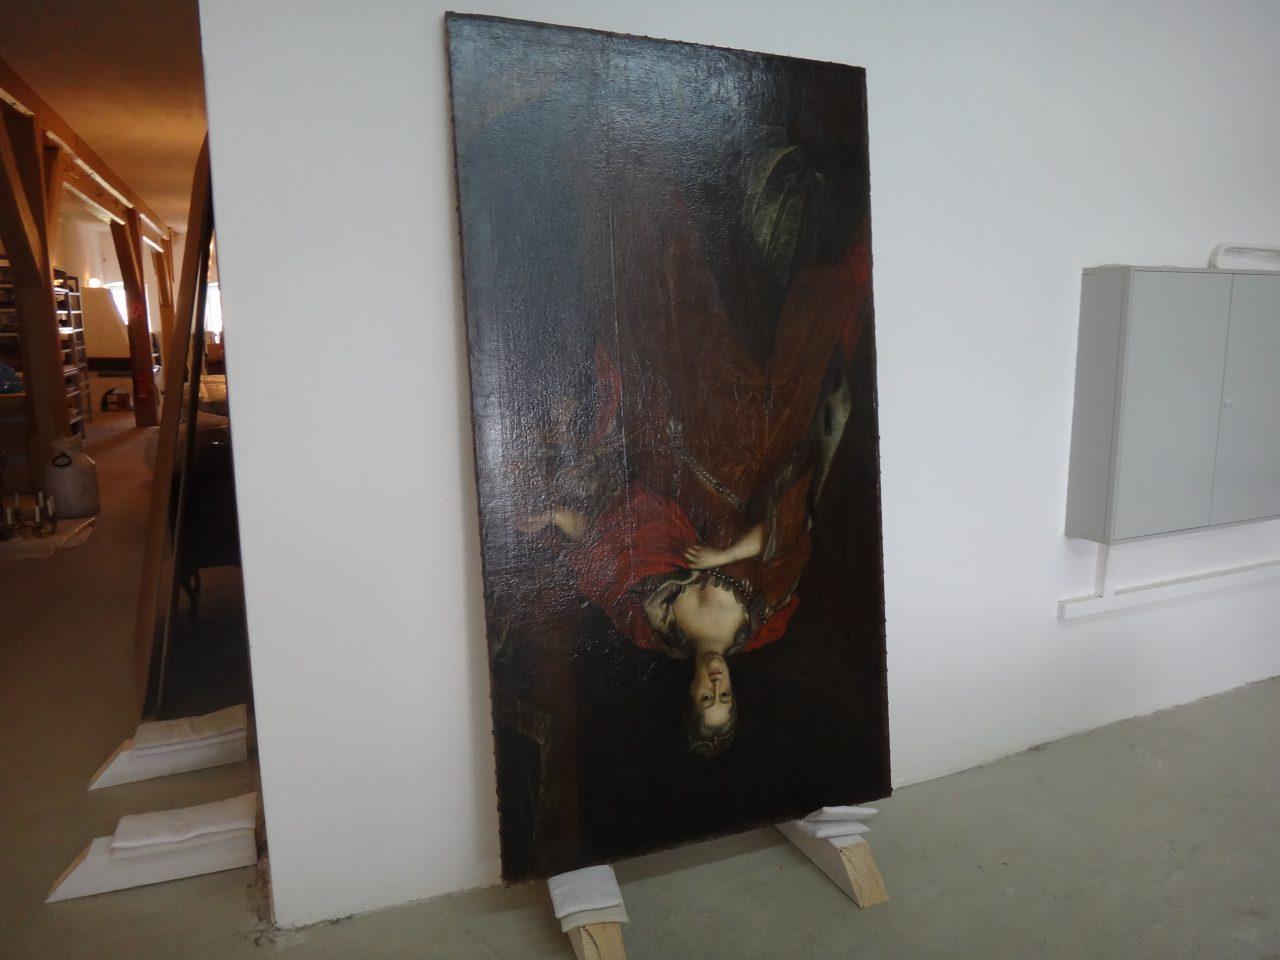 Gemälde steht auf dem Kopf